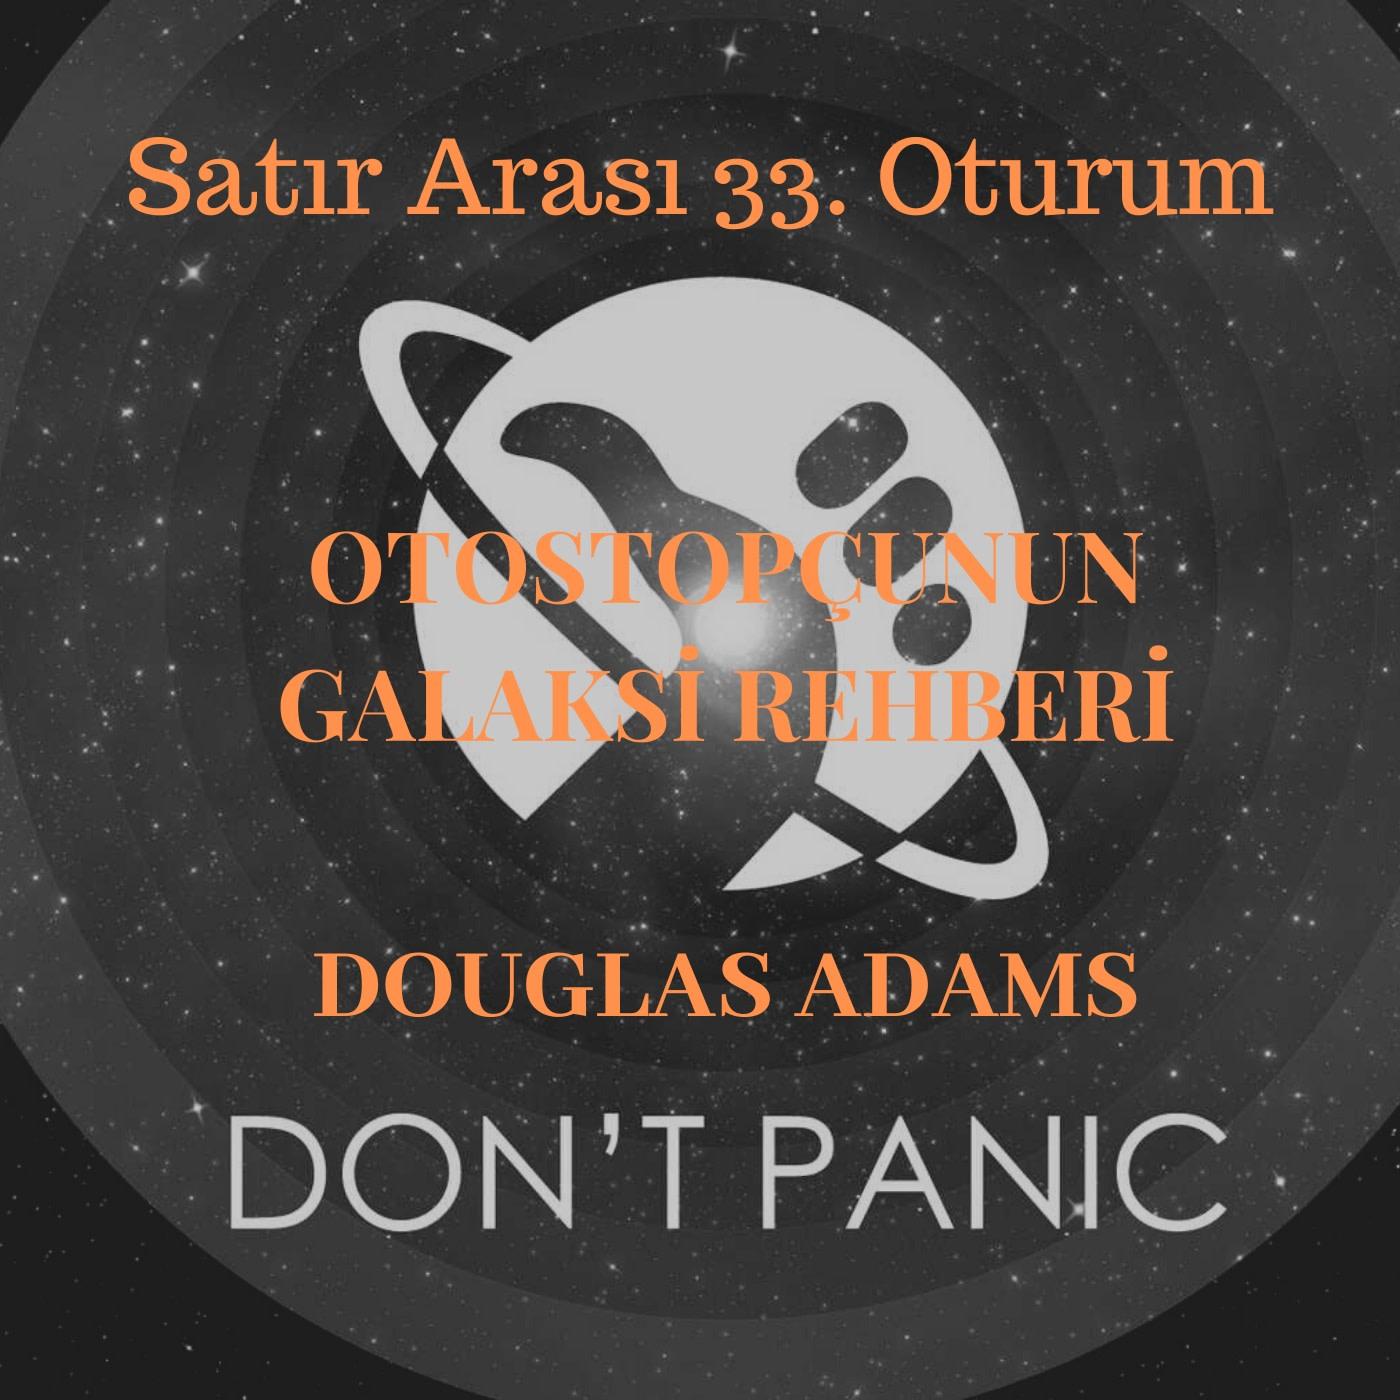 #33 Otostopçunun Galaksi Rehberi - Douglas Adams